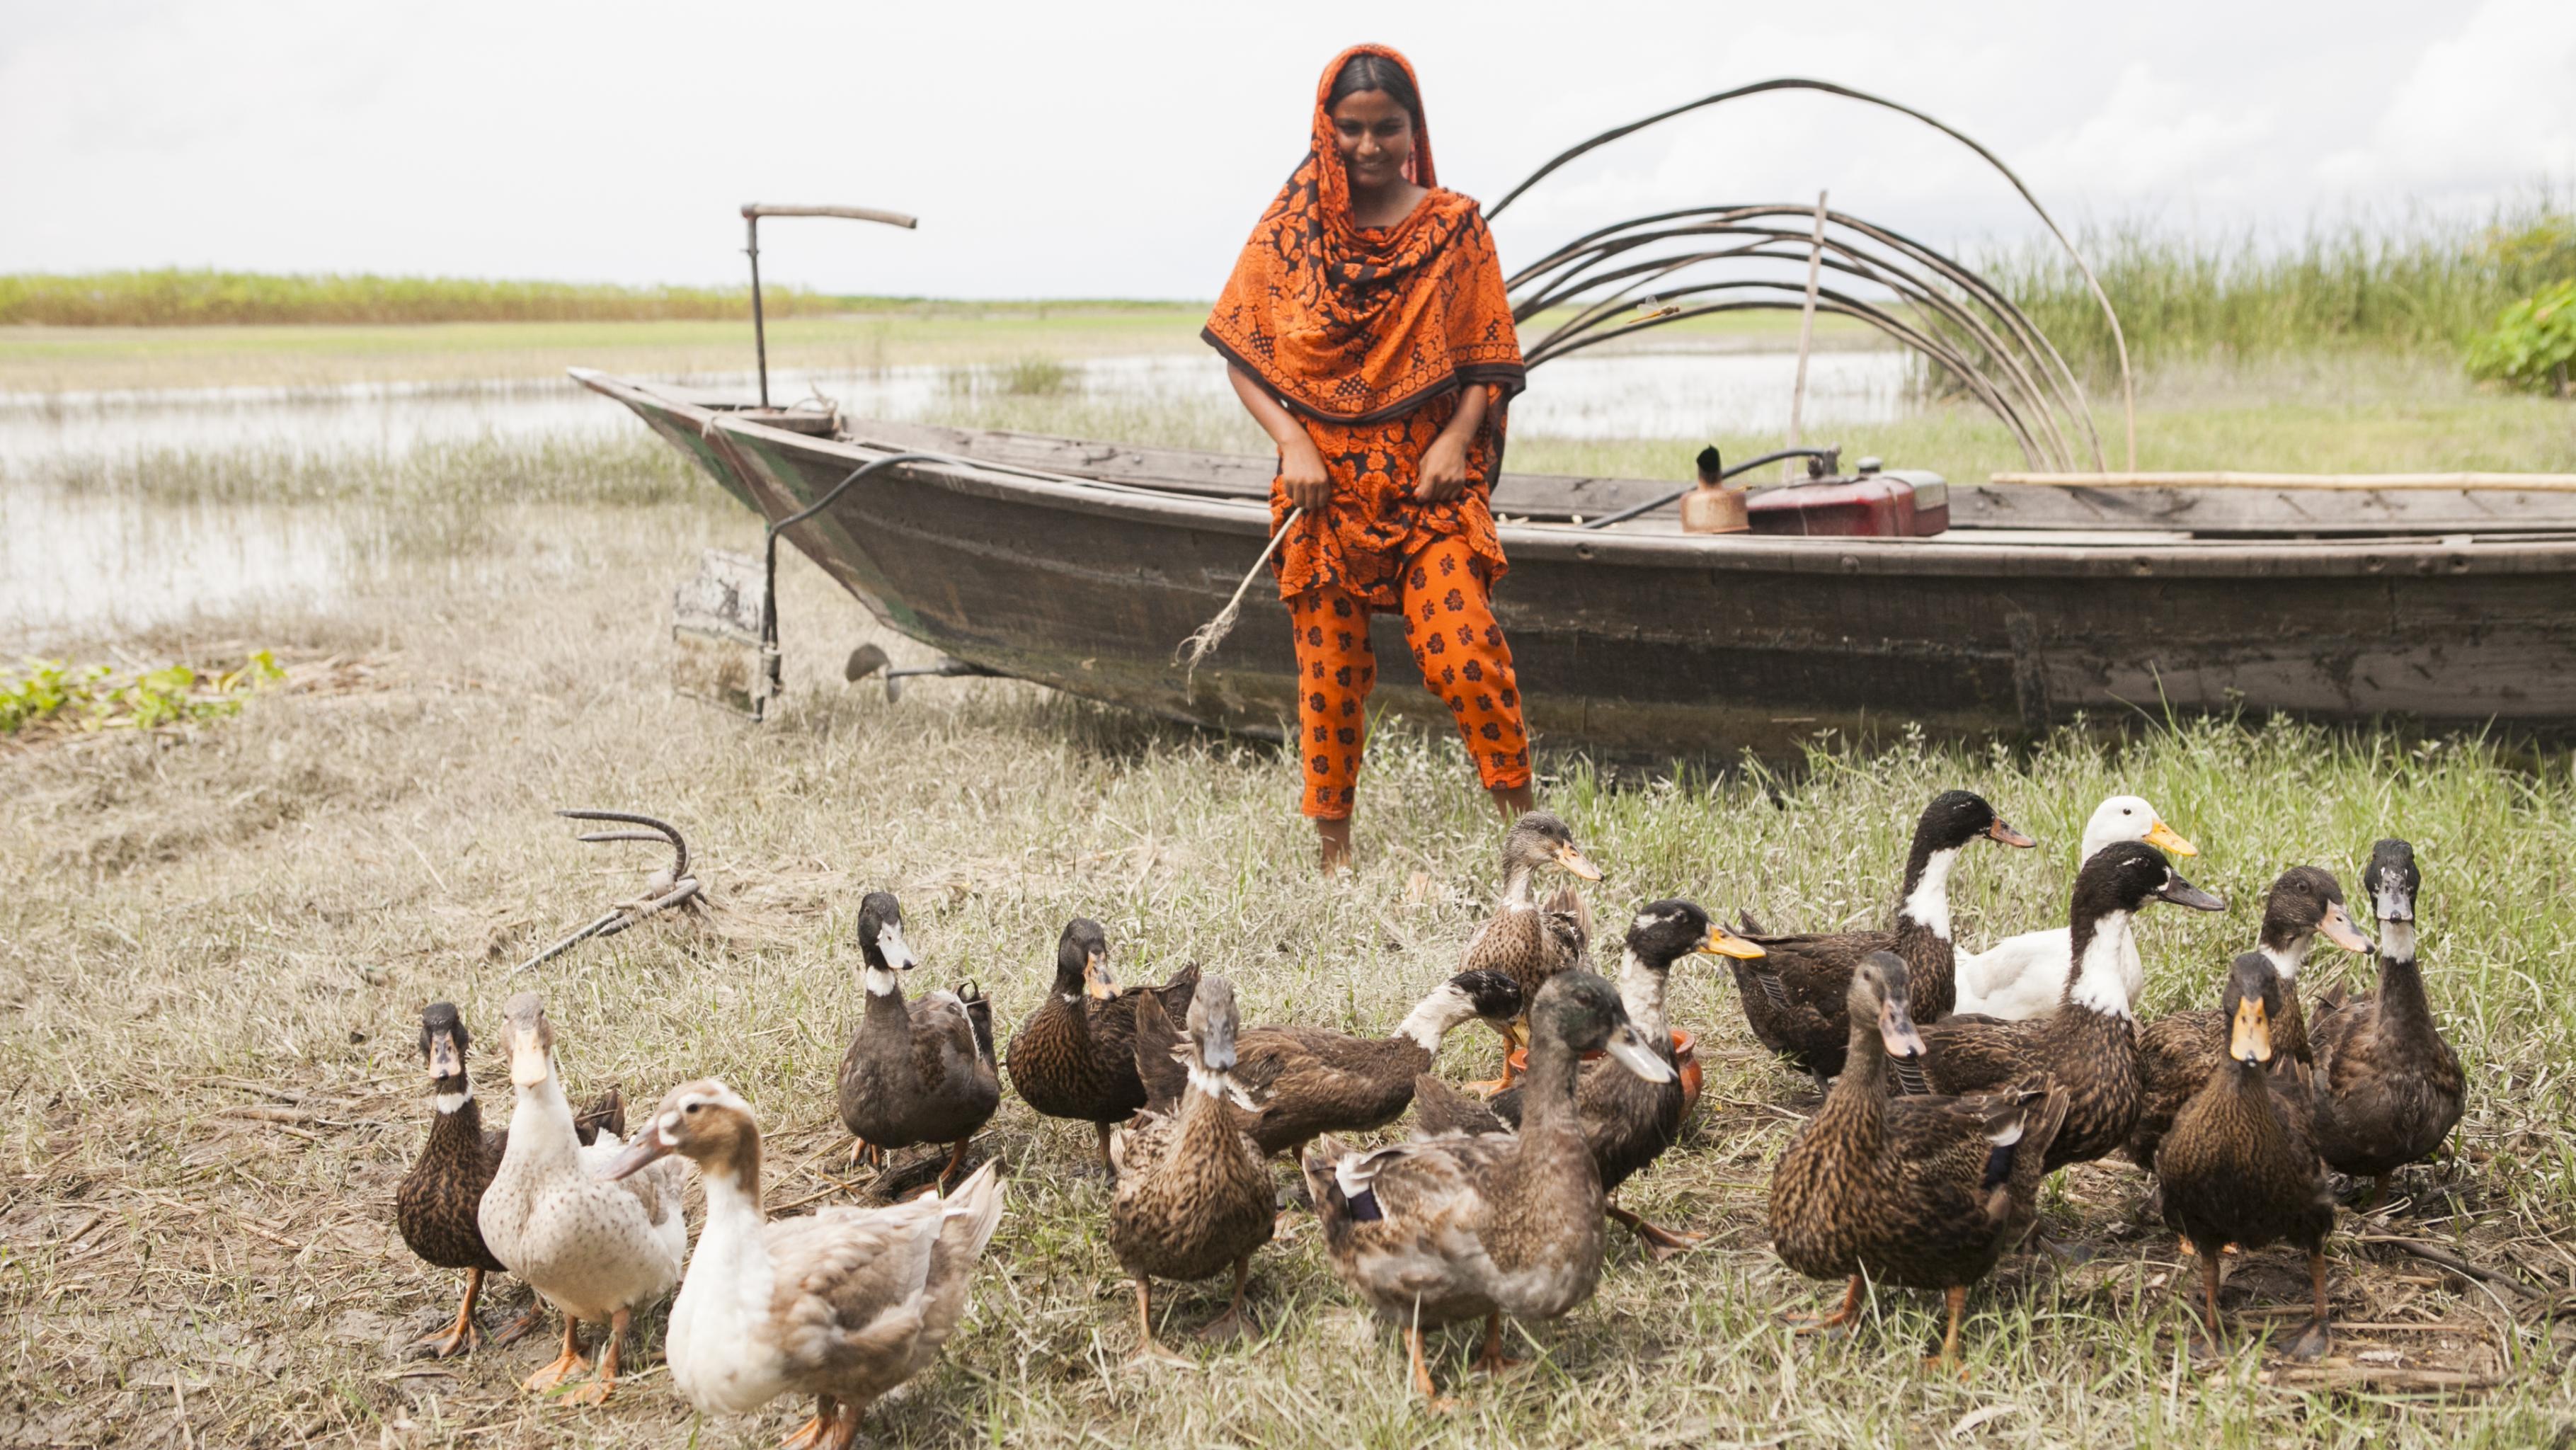 In Bangladesch, im Distrikt Shariaptur, erhalten Frauen eine kleine Entenfamilie. Die Muttertiere bilden mit ihrem Nachwuchs den Grundstock für eine neue Entenzucht und damit eine stabile Einkommensquelle. Mit dem Verkauf der Küken finanzieren die Frauen zum Beispiel die Schulgebühren ihrer Kinder.